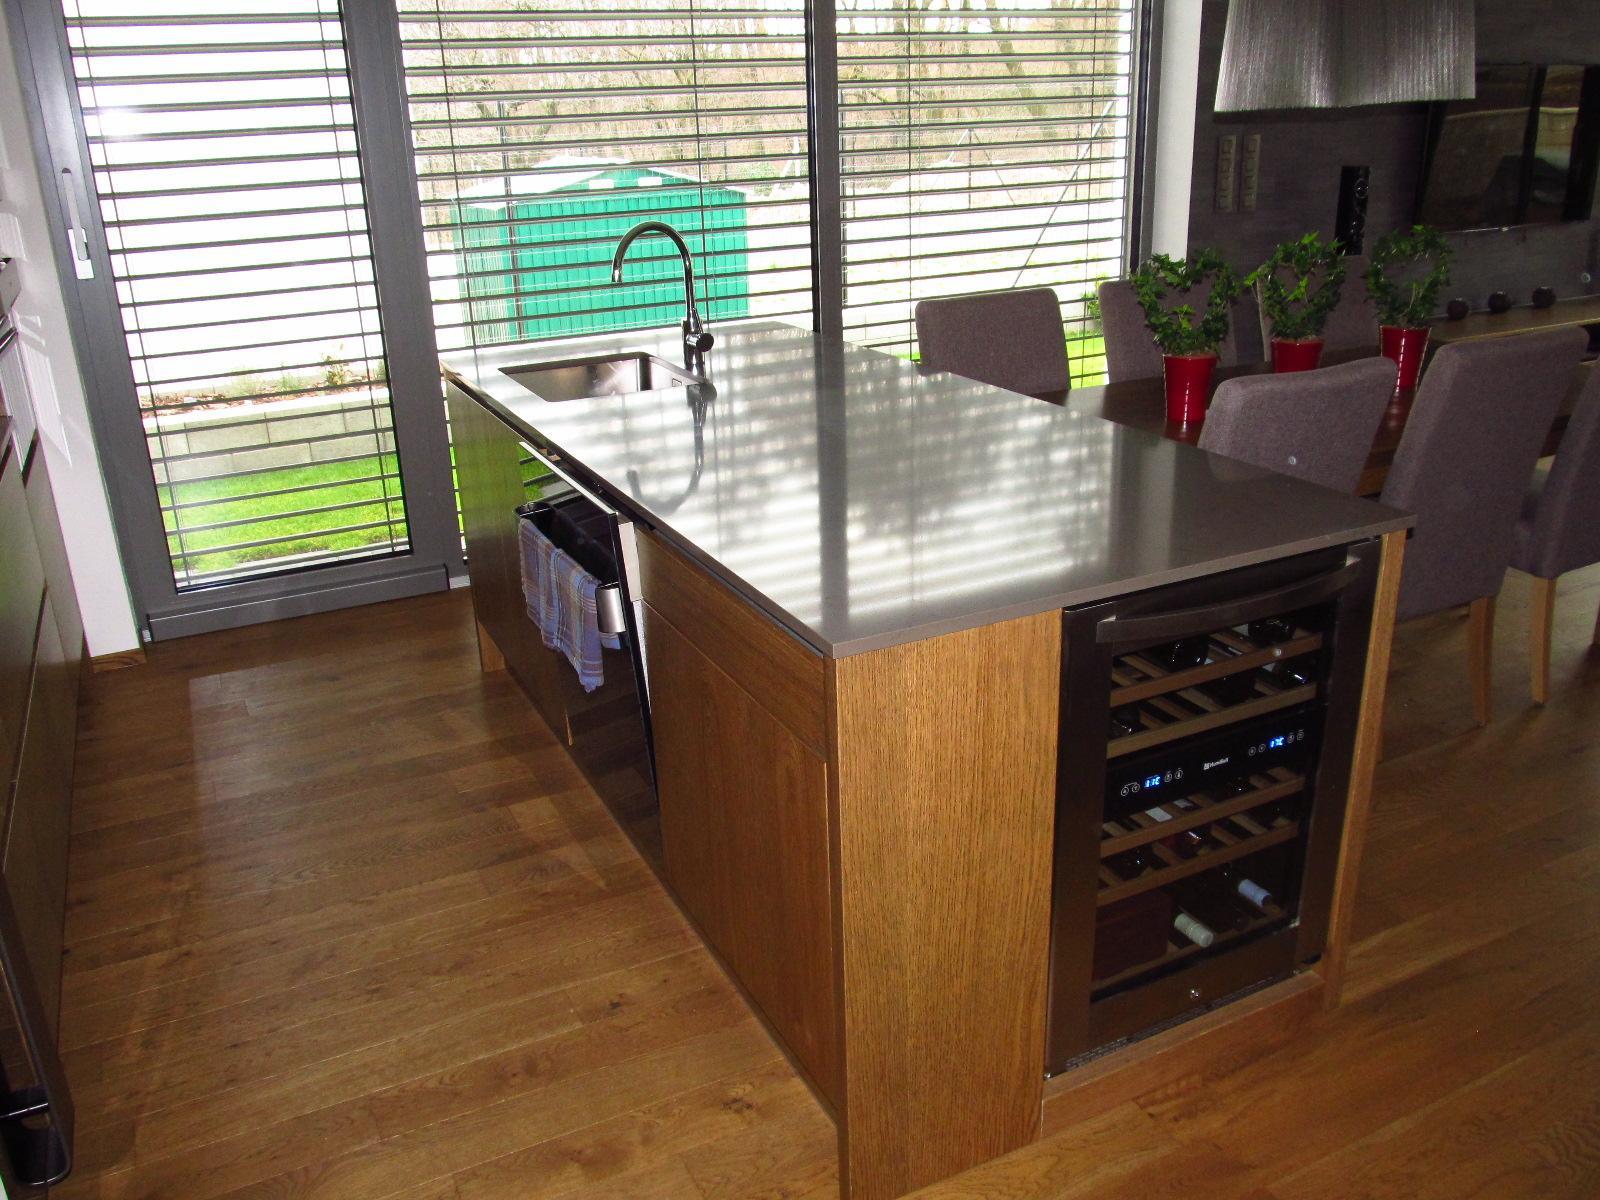 Takto bude vyzerať naša kuchyňa :) - Obrázok č. 5